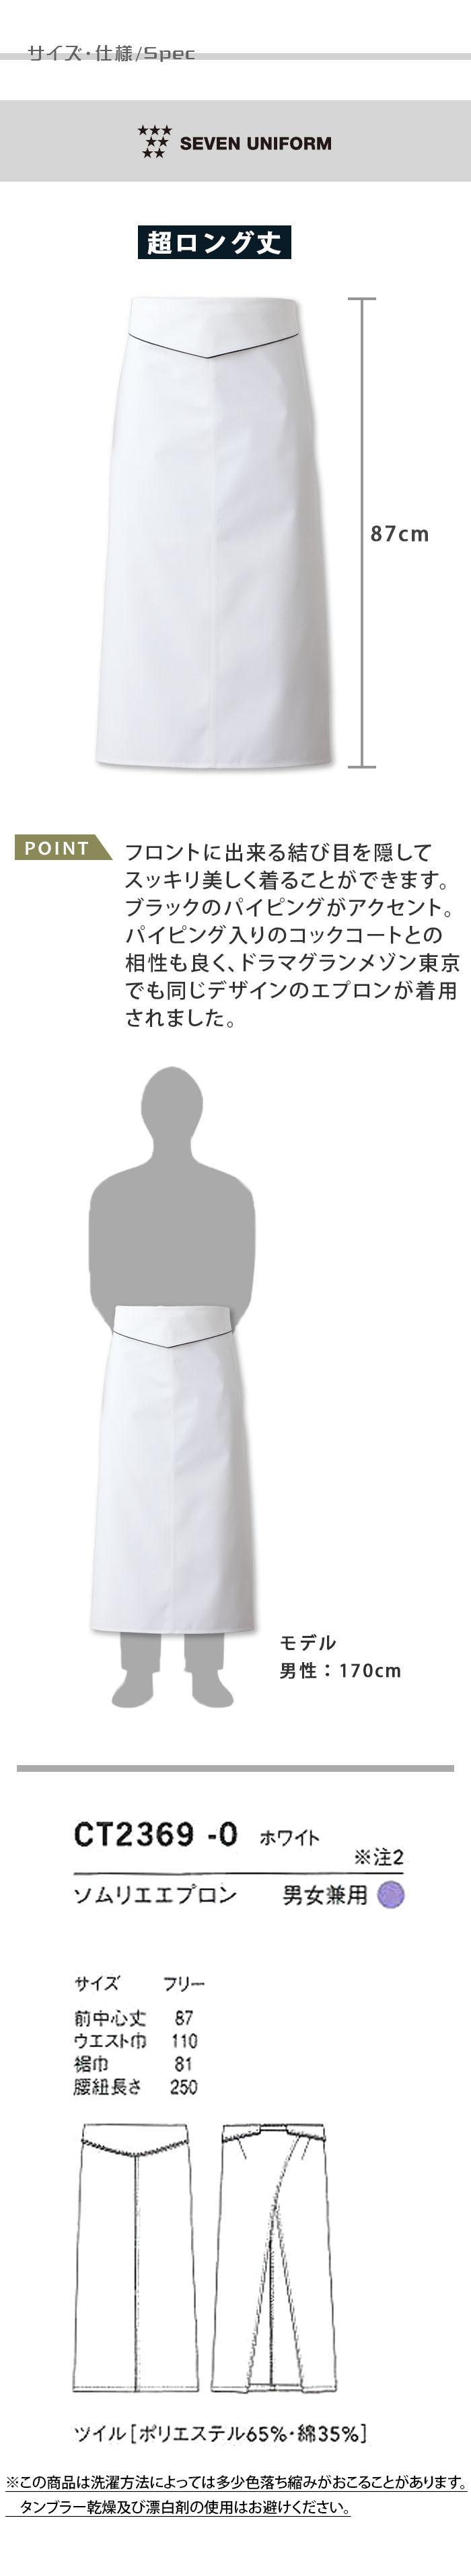 飲食店販売店制服 パイピングがアクセント スマートに美しく着る ソムリエエプロン【男女兼用】 スペック